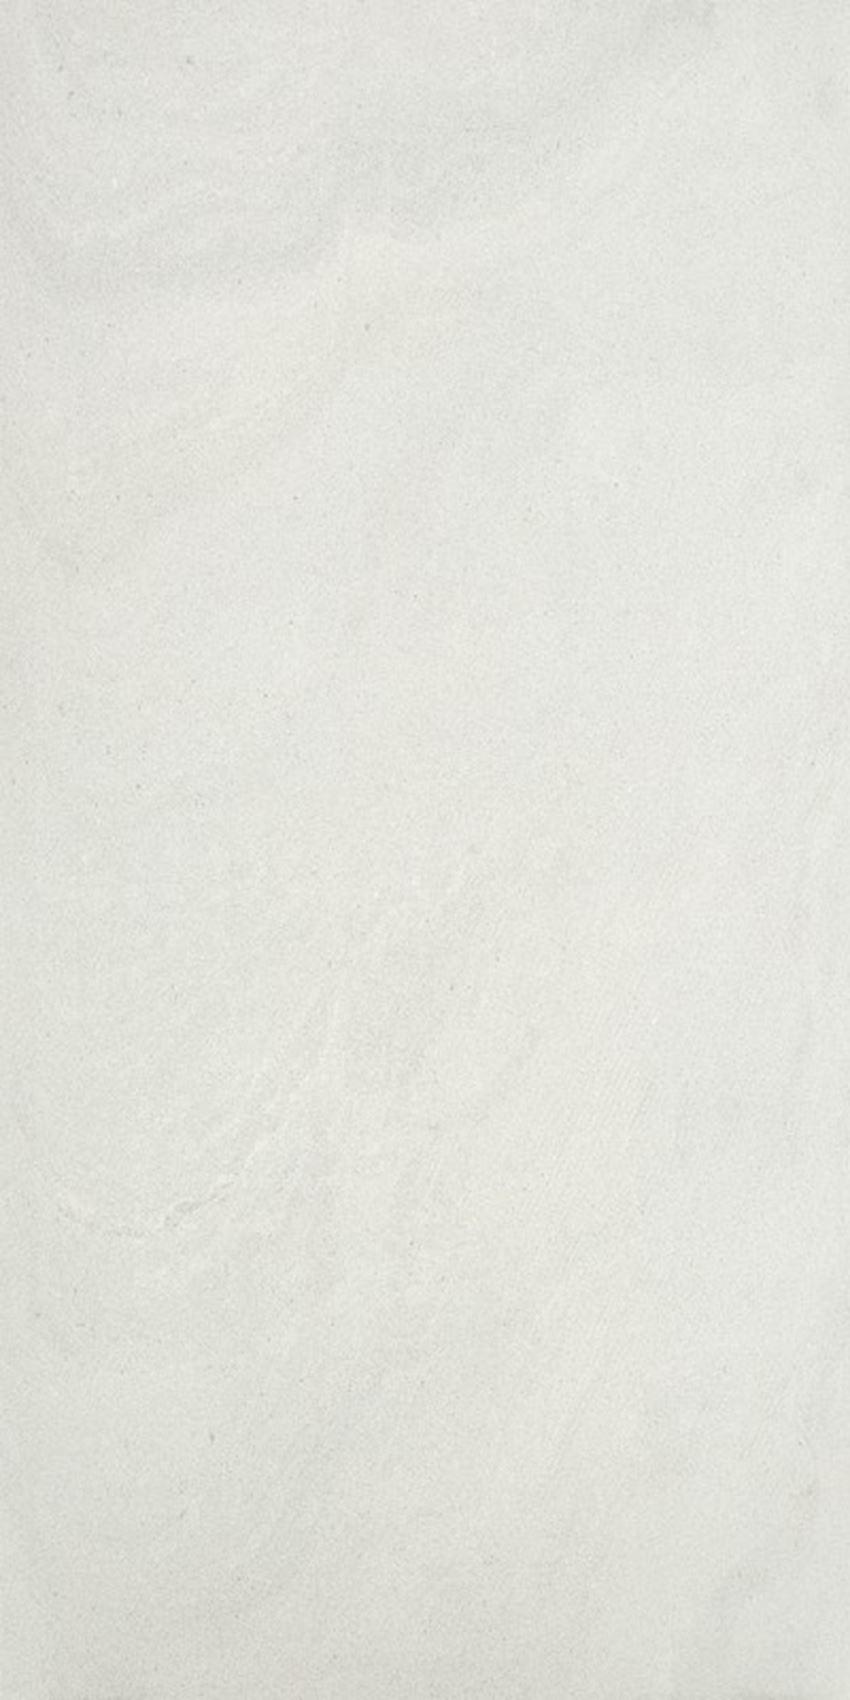 Płytka uniwersalna poler 59,7x119,7 cm Nowa Gala Vario VR 01